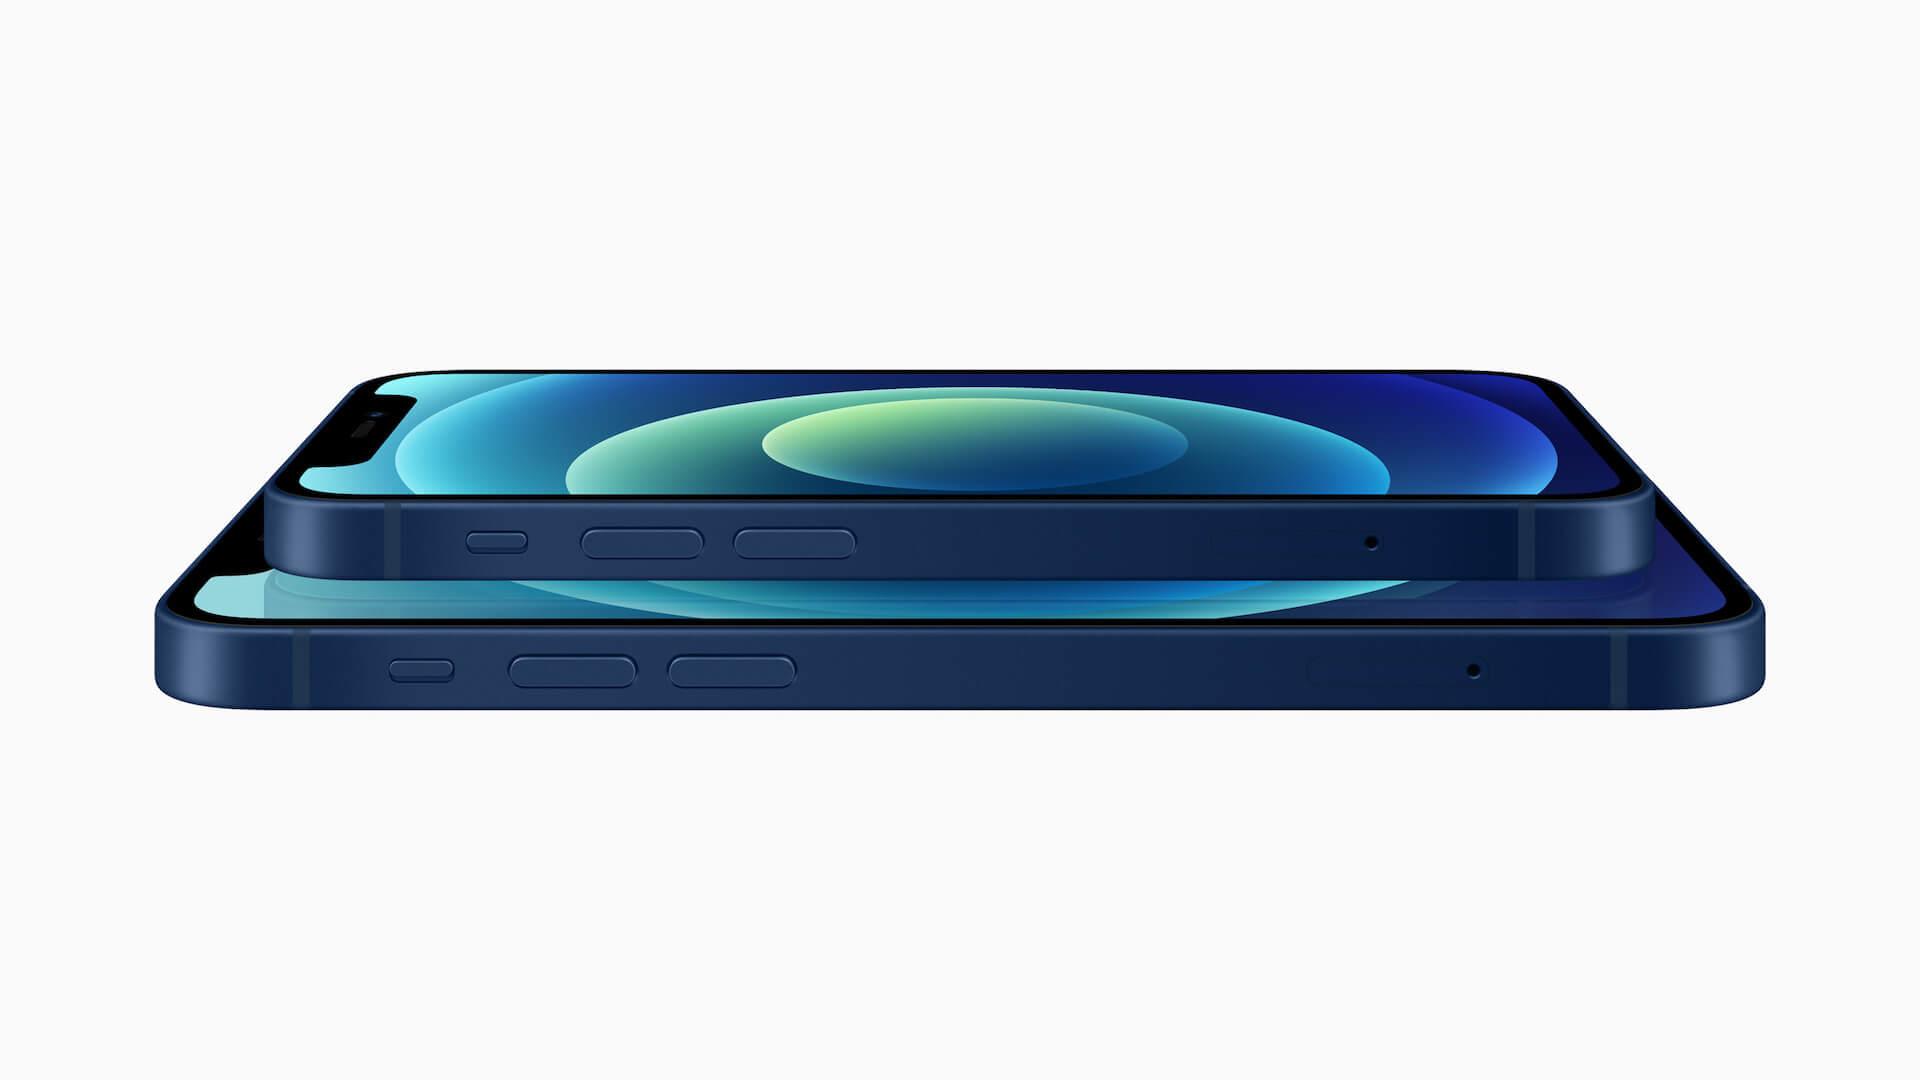 5G対応のiPhone 12シリーズがついに発表!新デザイン、A14 Bionicチップ、MagSafeなど特長をおさらい tech201014_iphone12_5